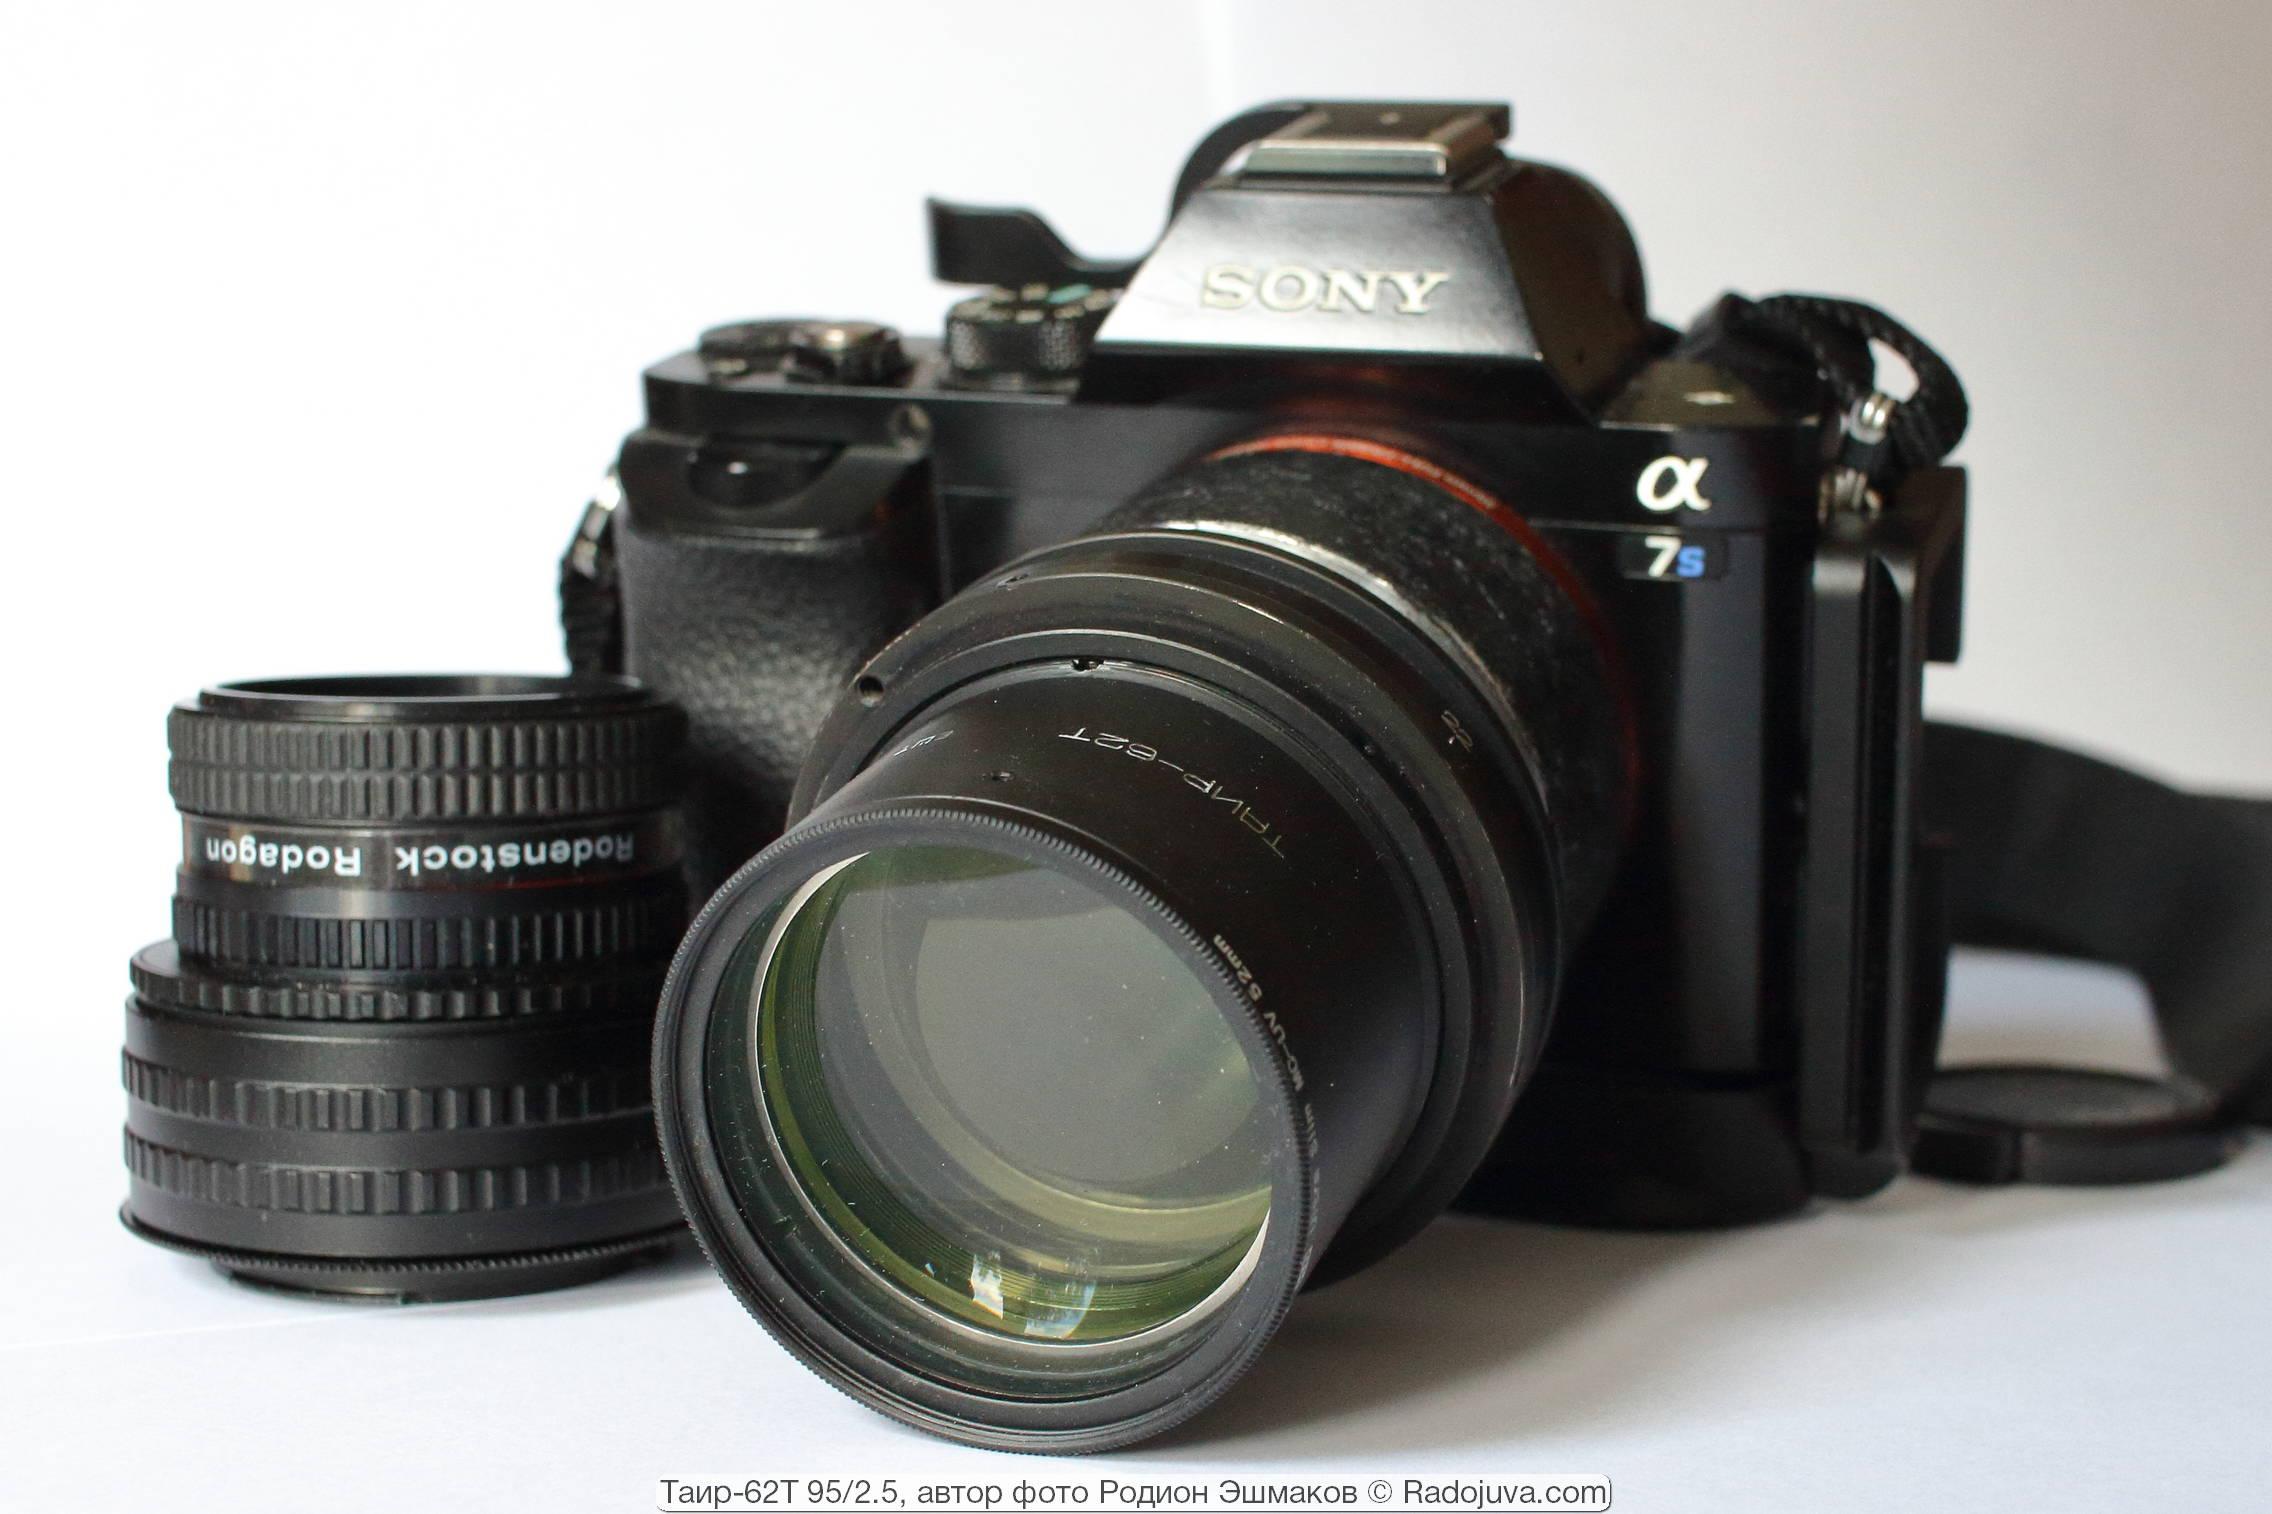 Вид адаптированного для Sony E объектива на камере Sony A7s.